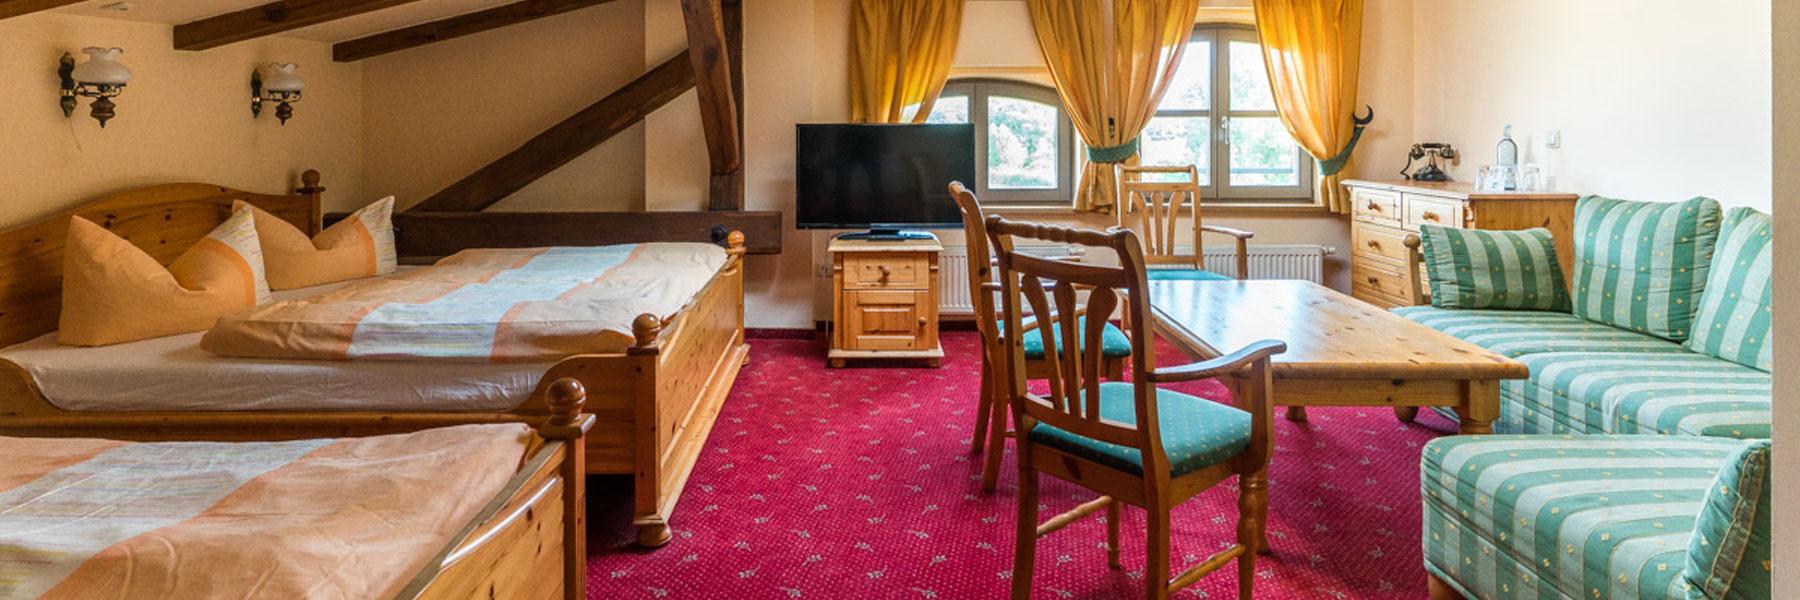 Mehrbettzimmer - Landhotel Zur Scheune